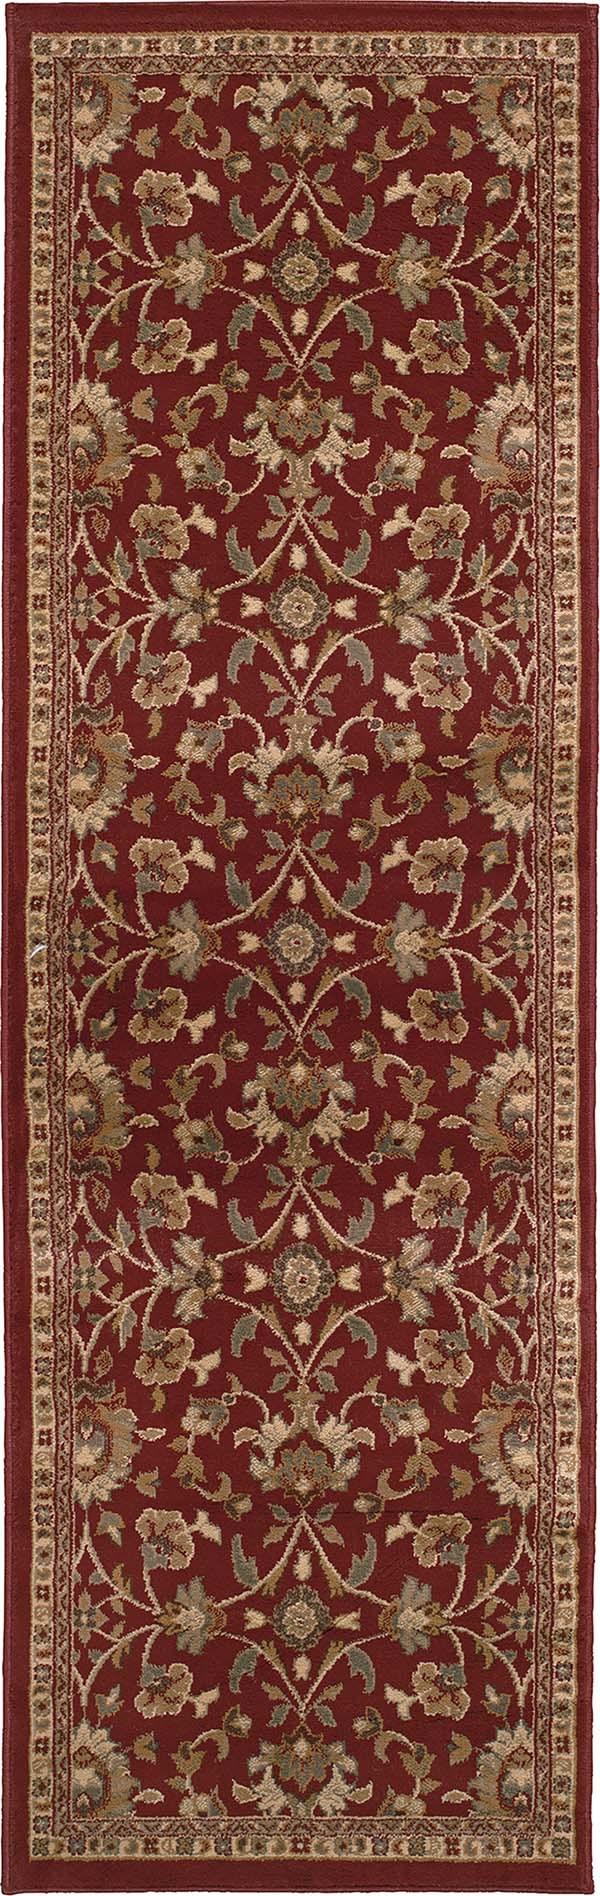 Oriental Weavers Amelia 2331 Rugs